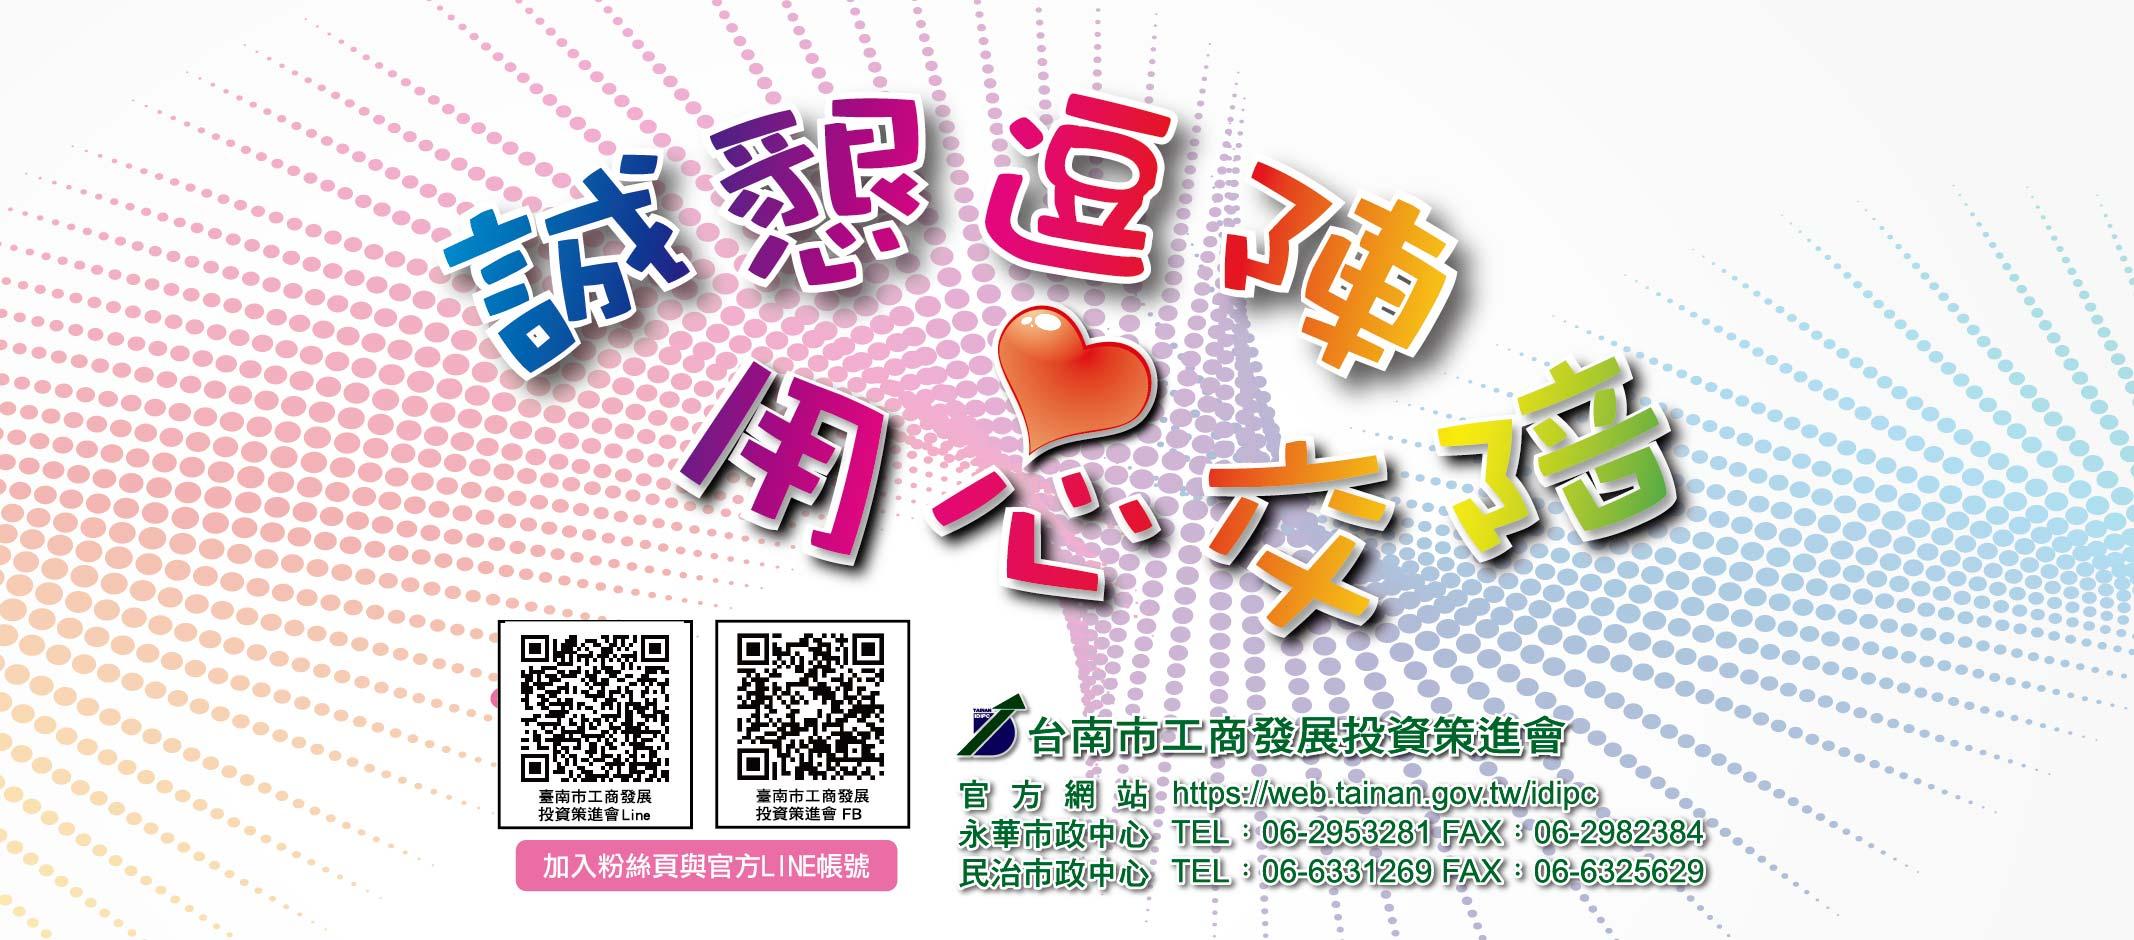 台南市工商發展投資策進會官網